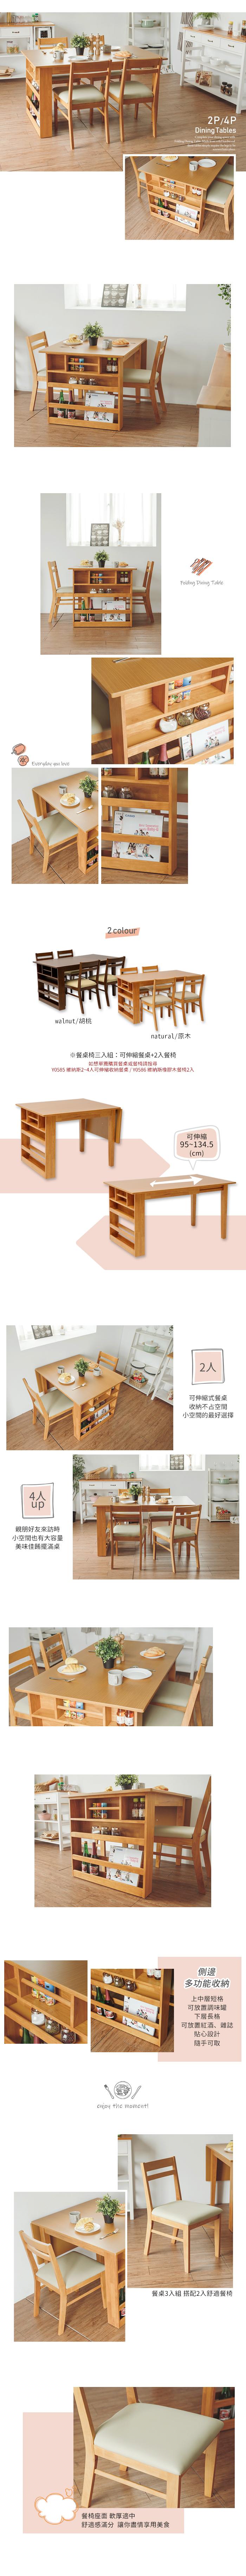 完美主義-餐桌椅-餐桌-餐椅-椅子-桌子-吧台桌-吧台椅